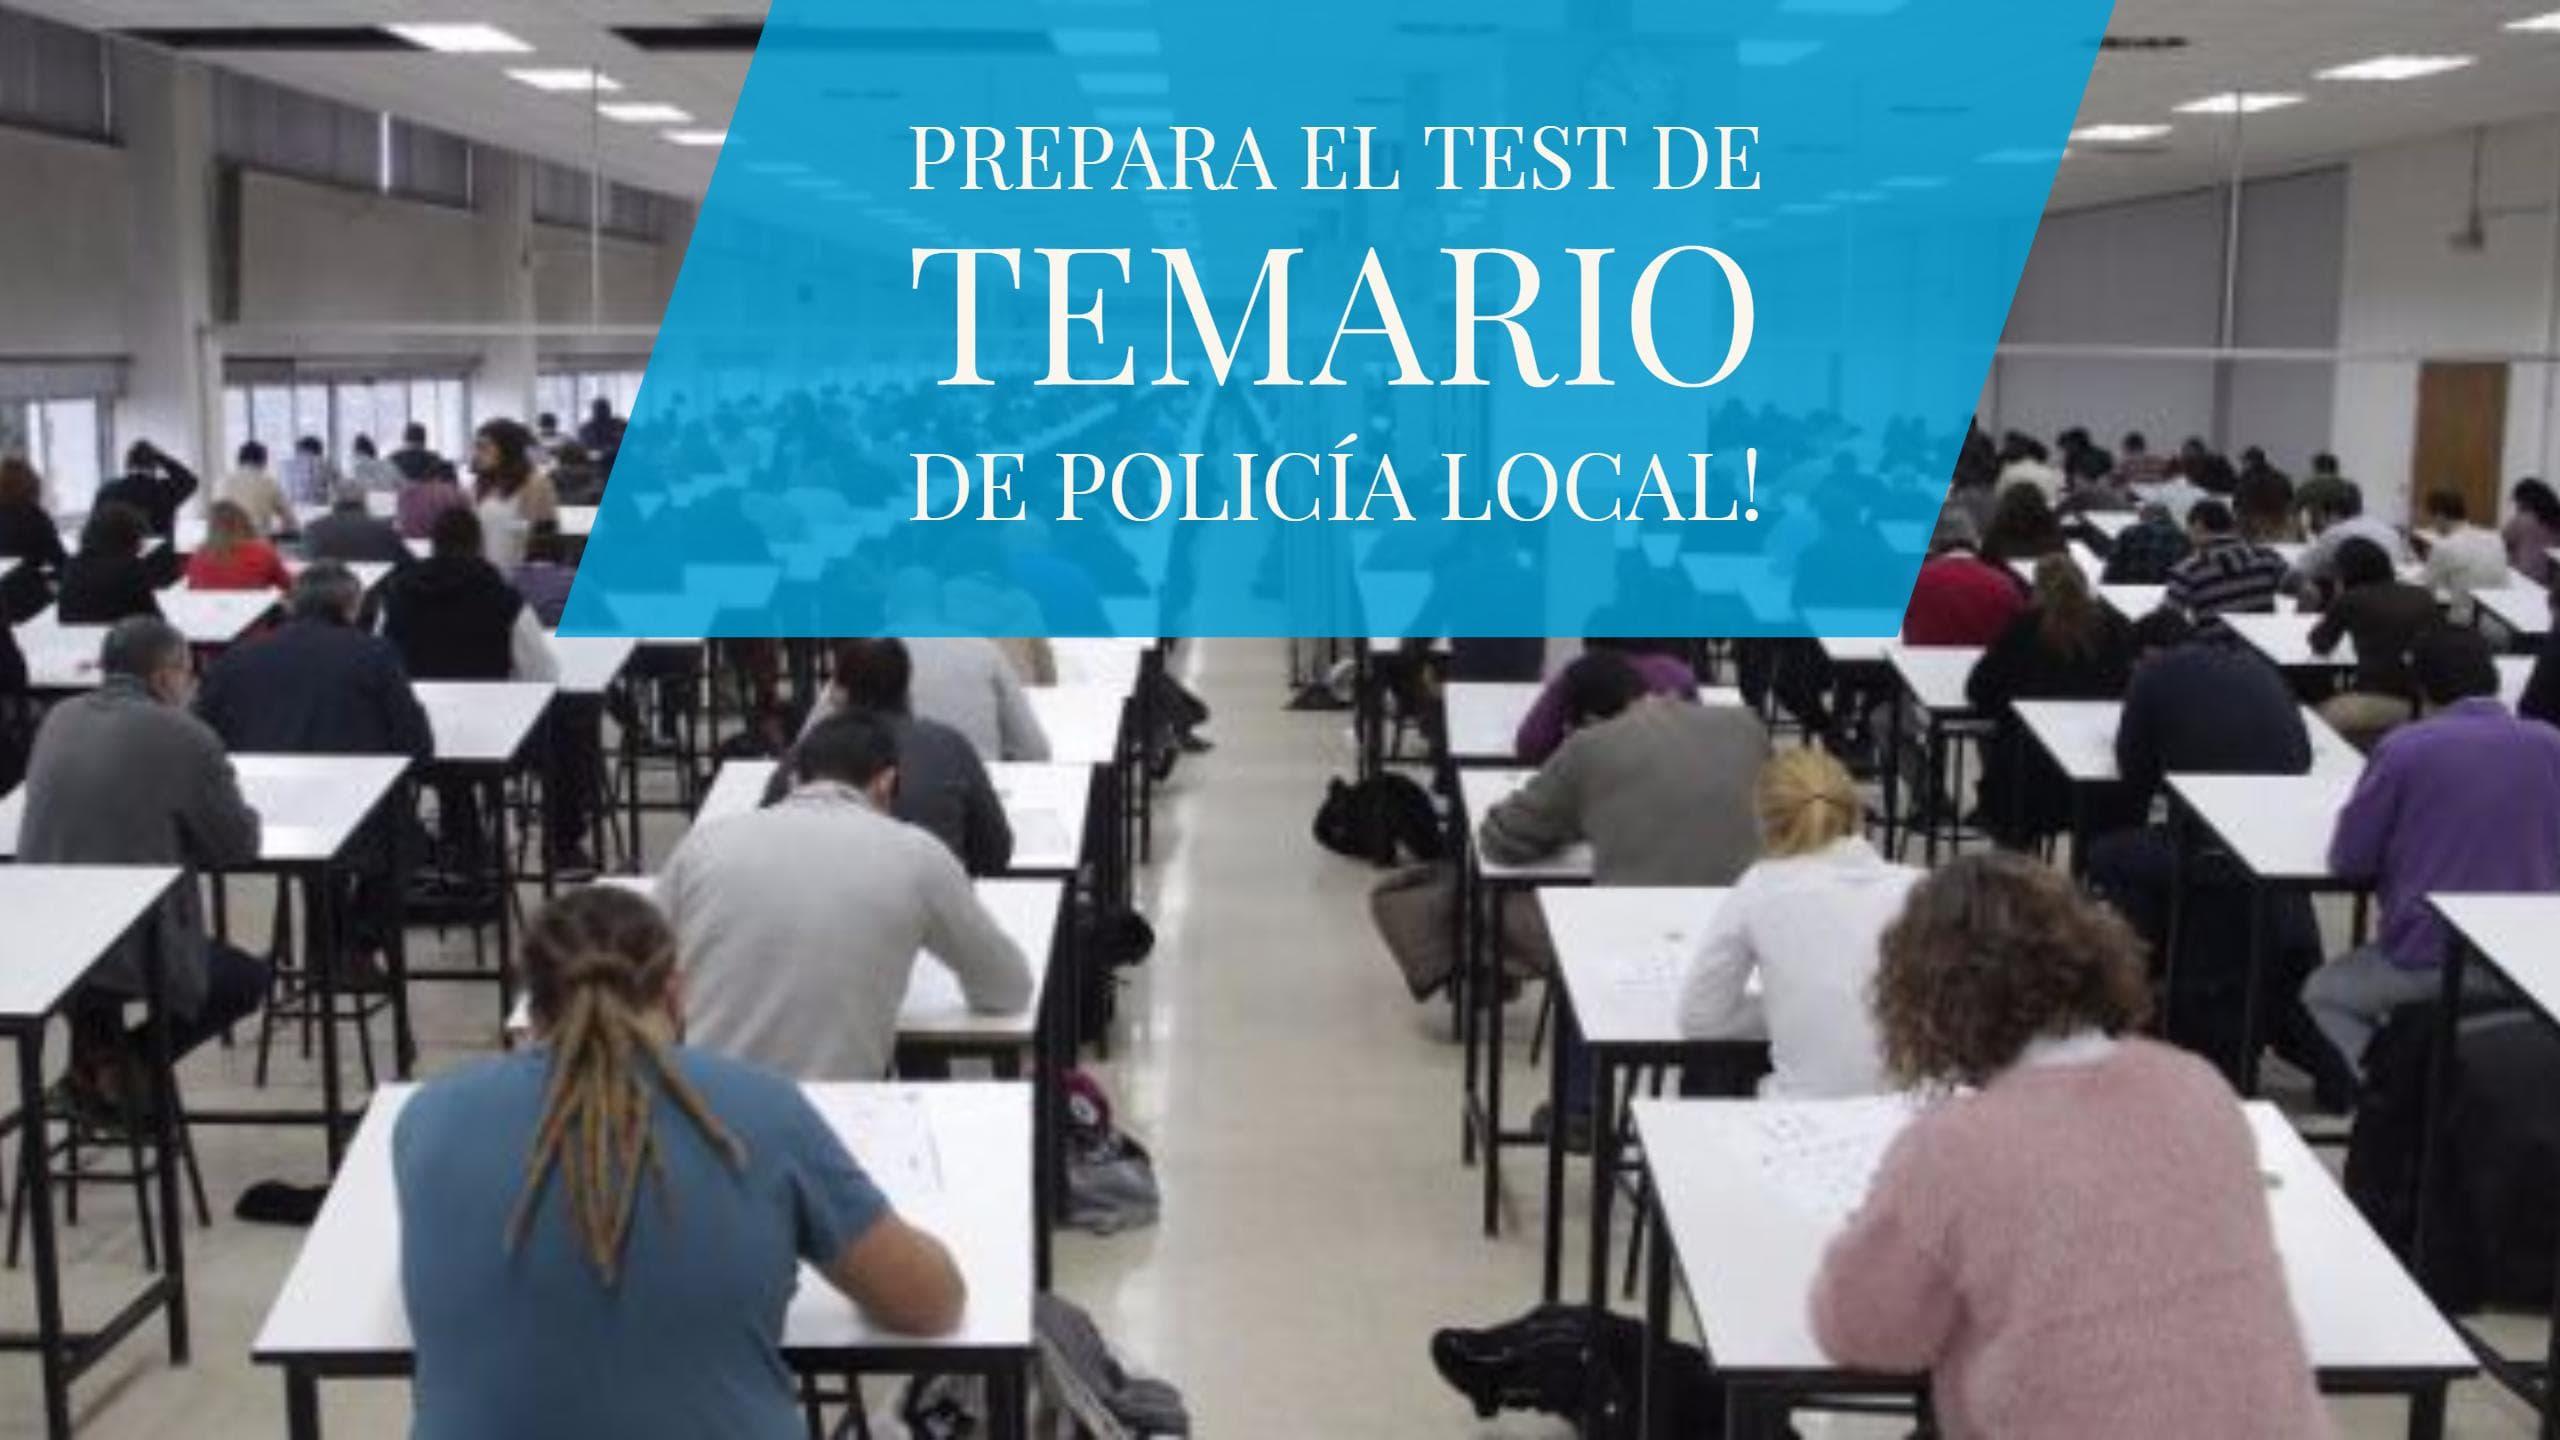 temario-oposiciones-policia-local